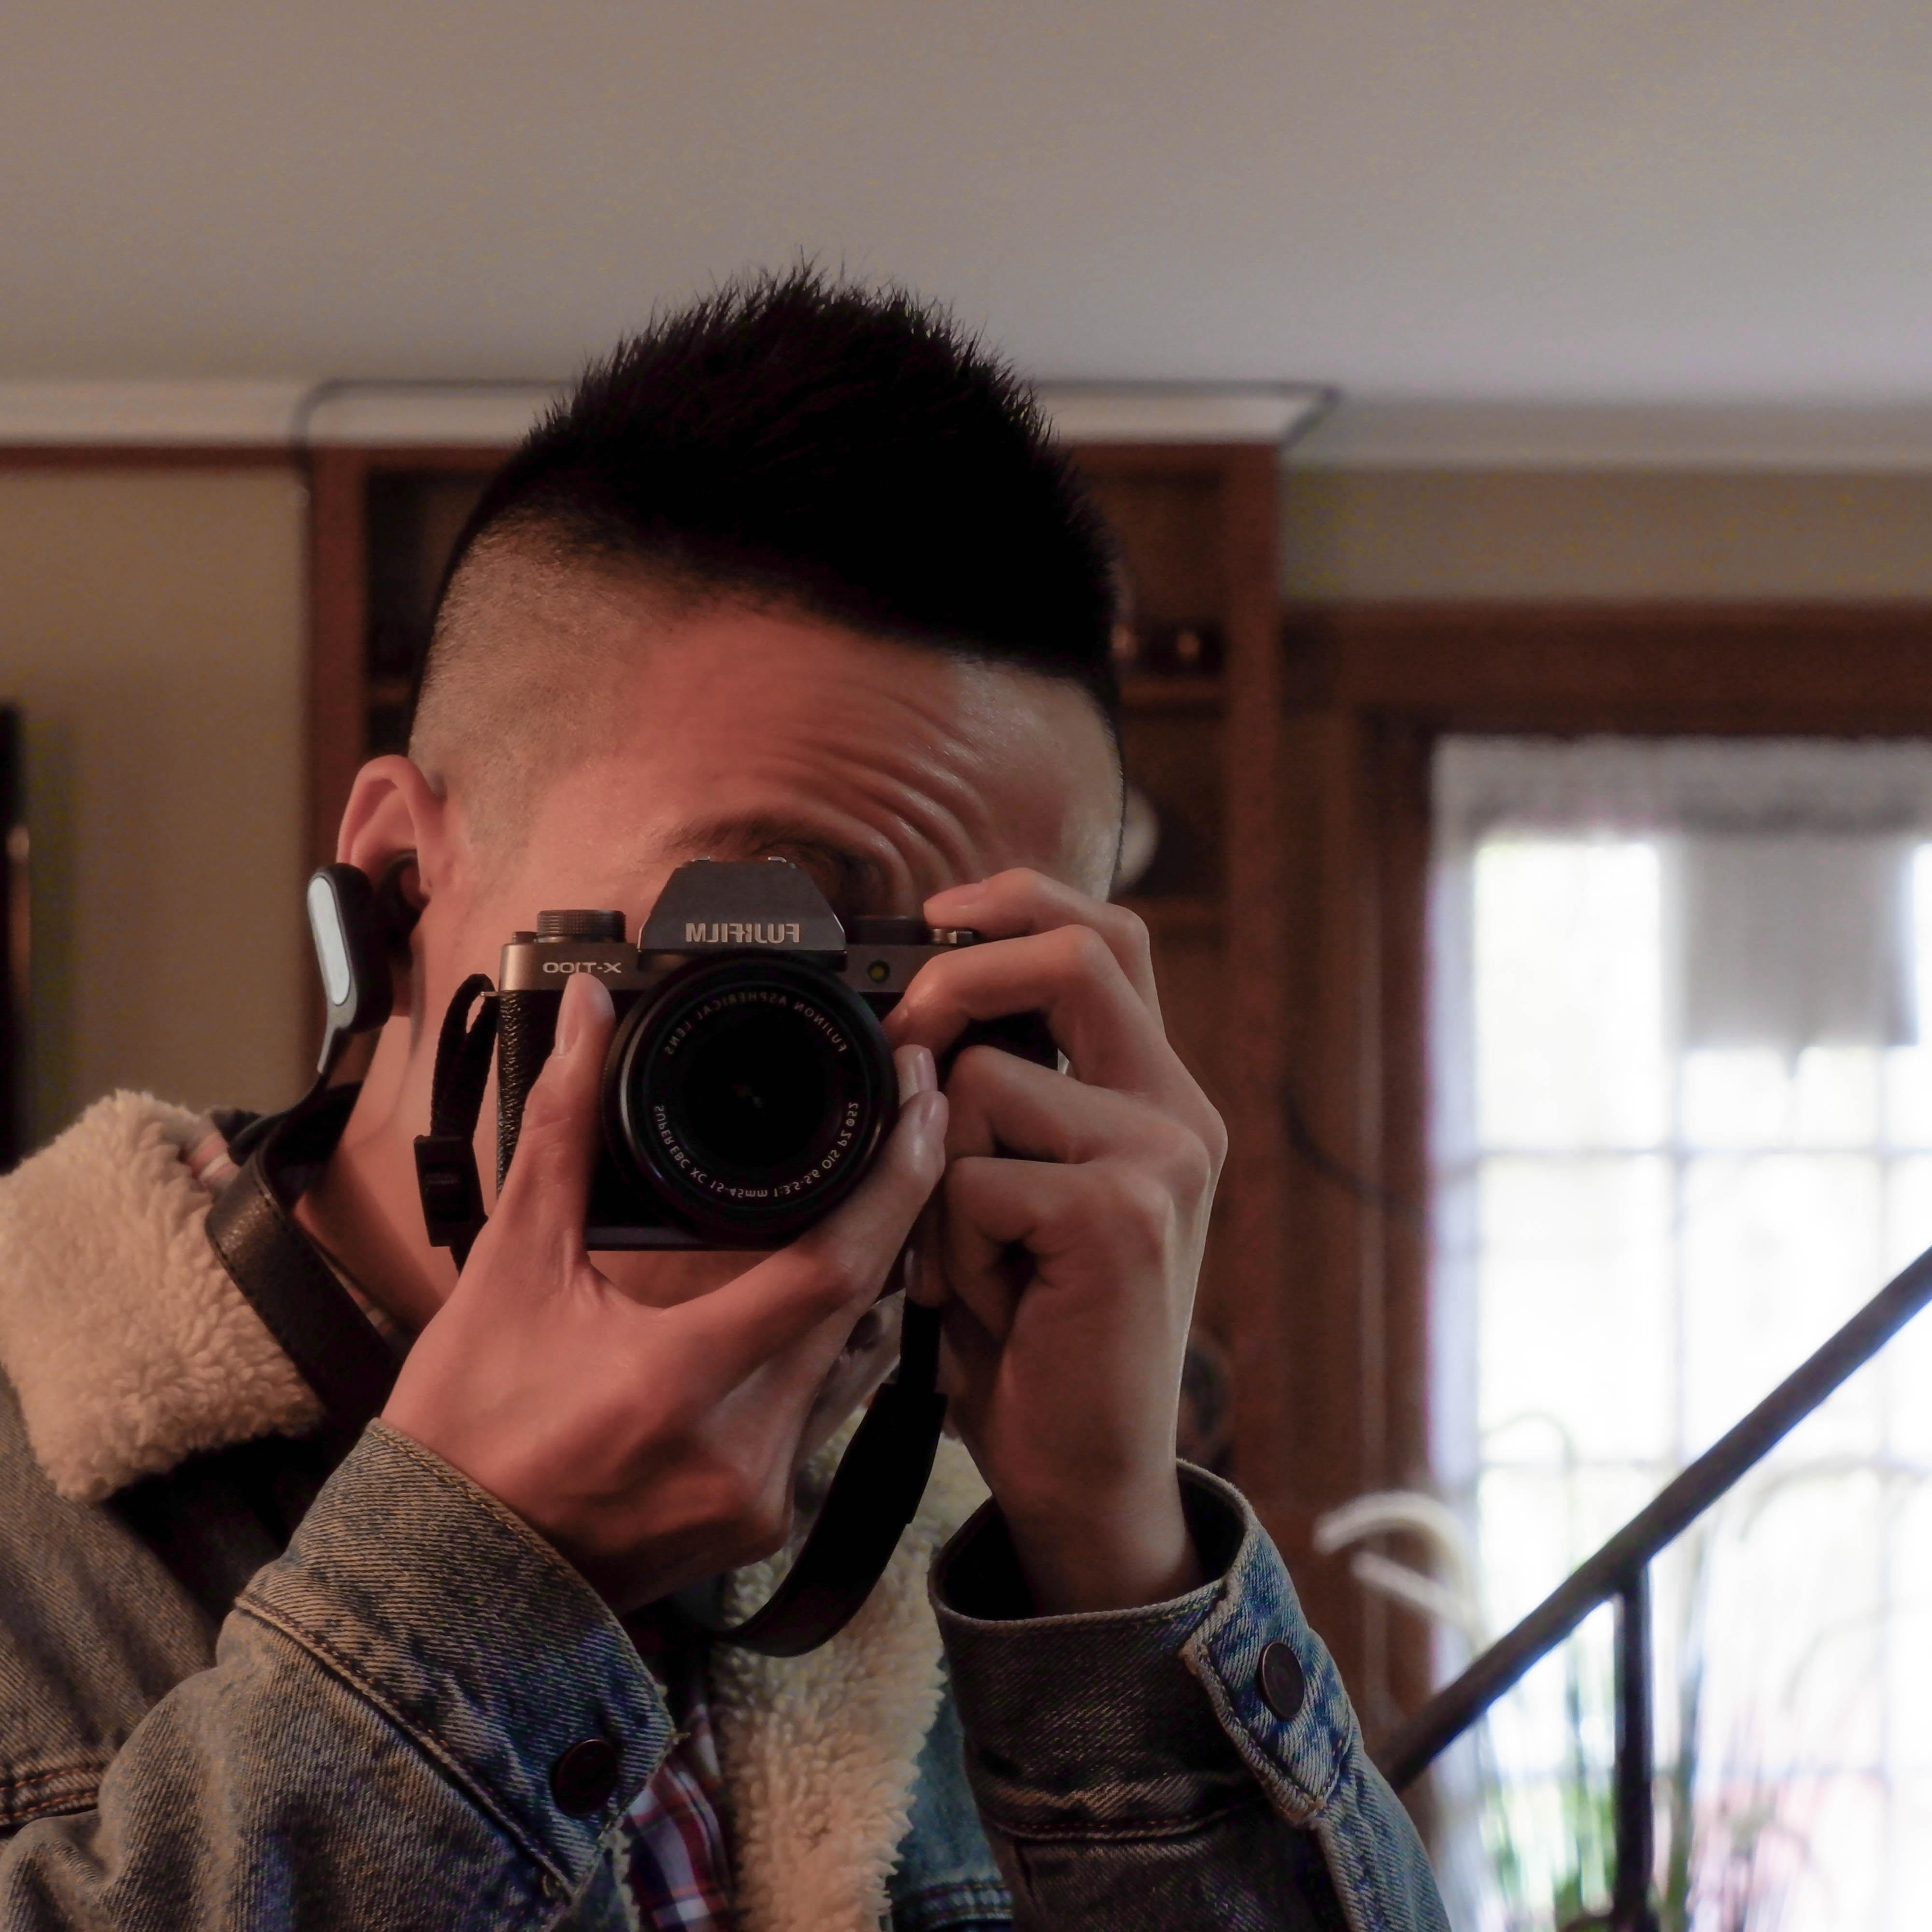 Go to Wenhao Ryan's profile